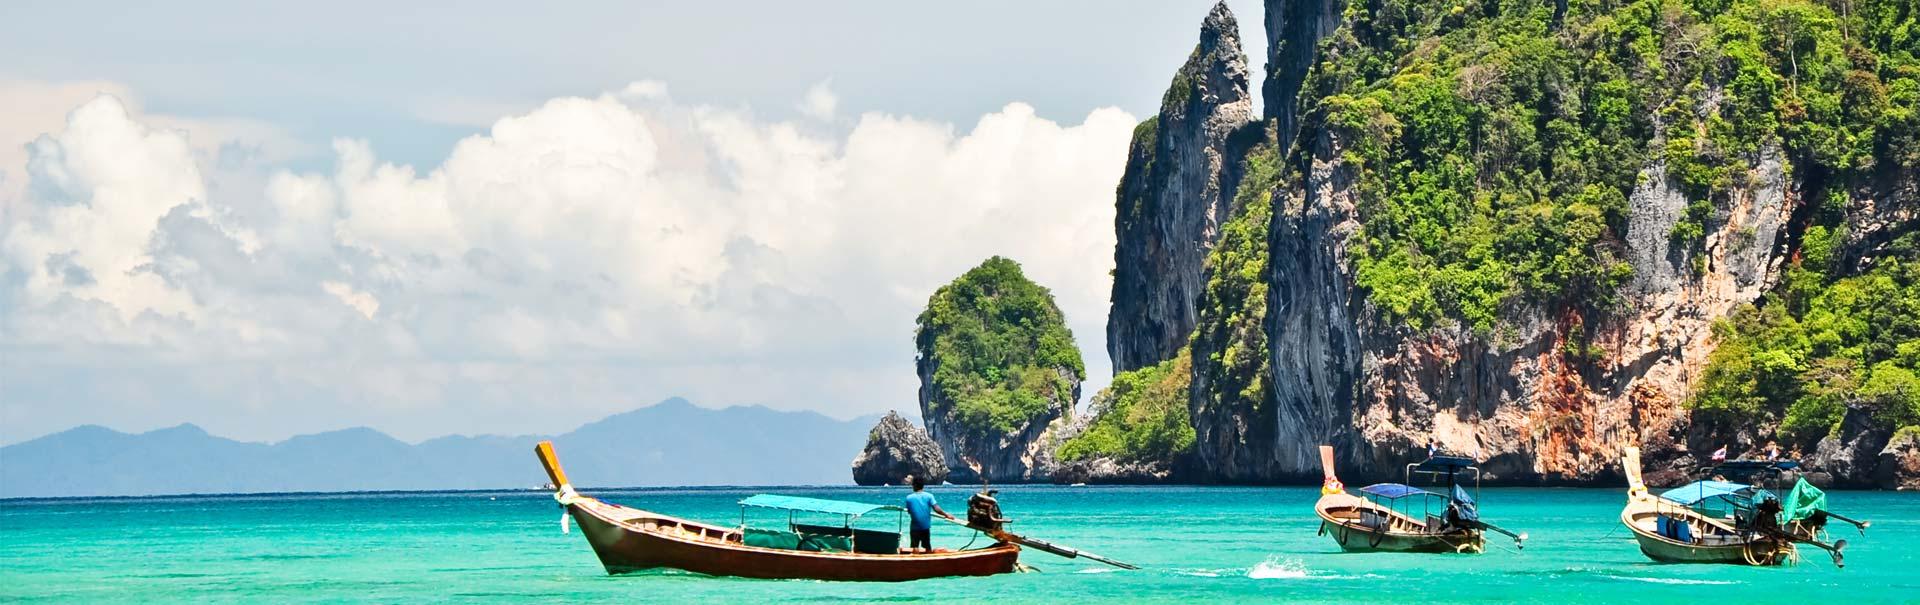 imageUrlhttps://img.veenaworld.com/customized-holidays/world/south-east-asia/shth16/shth16-bnn-1.jpg